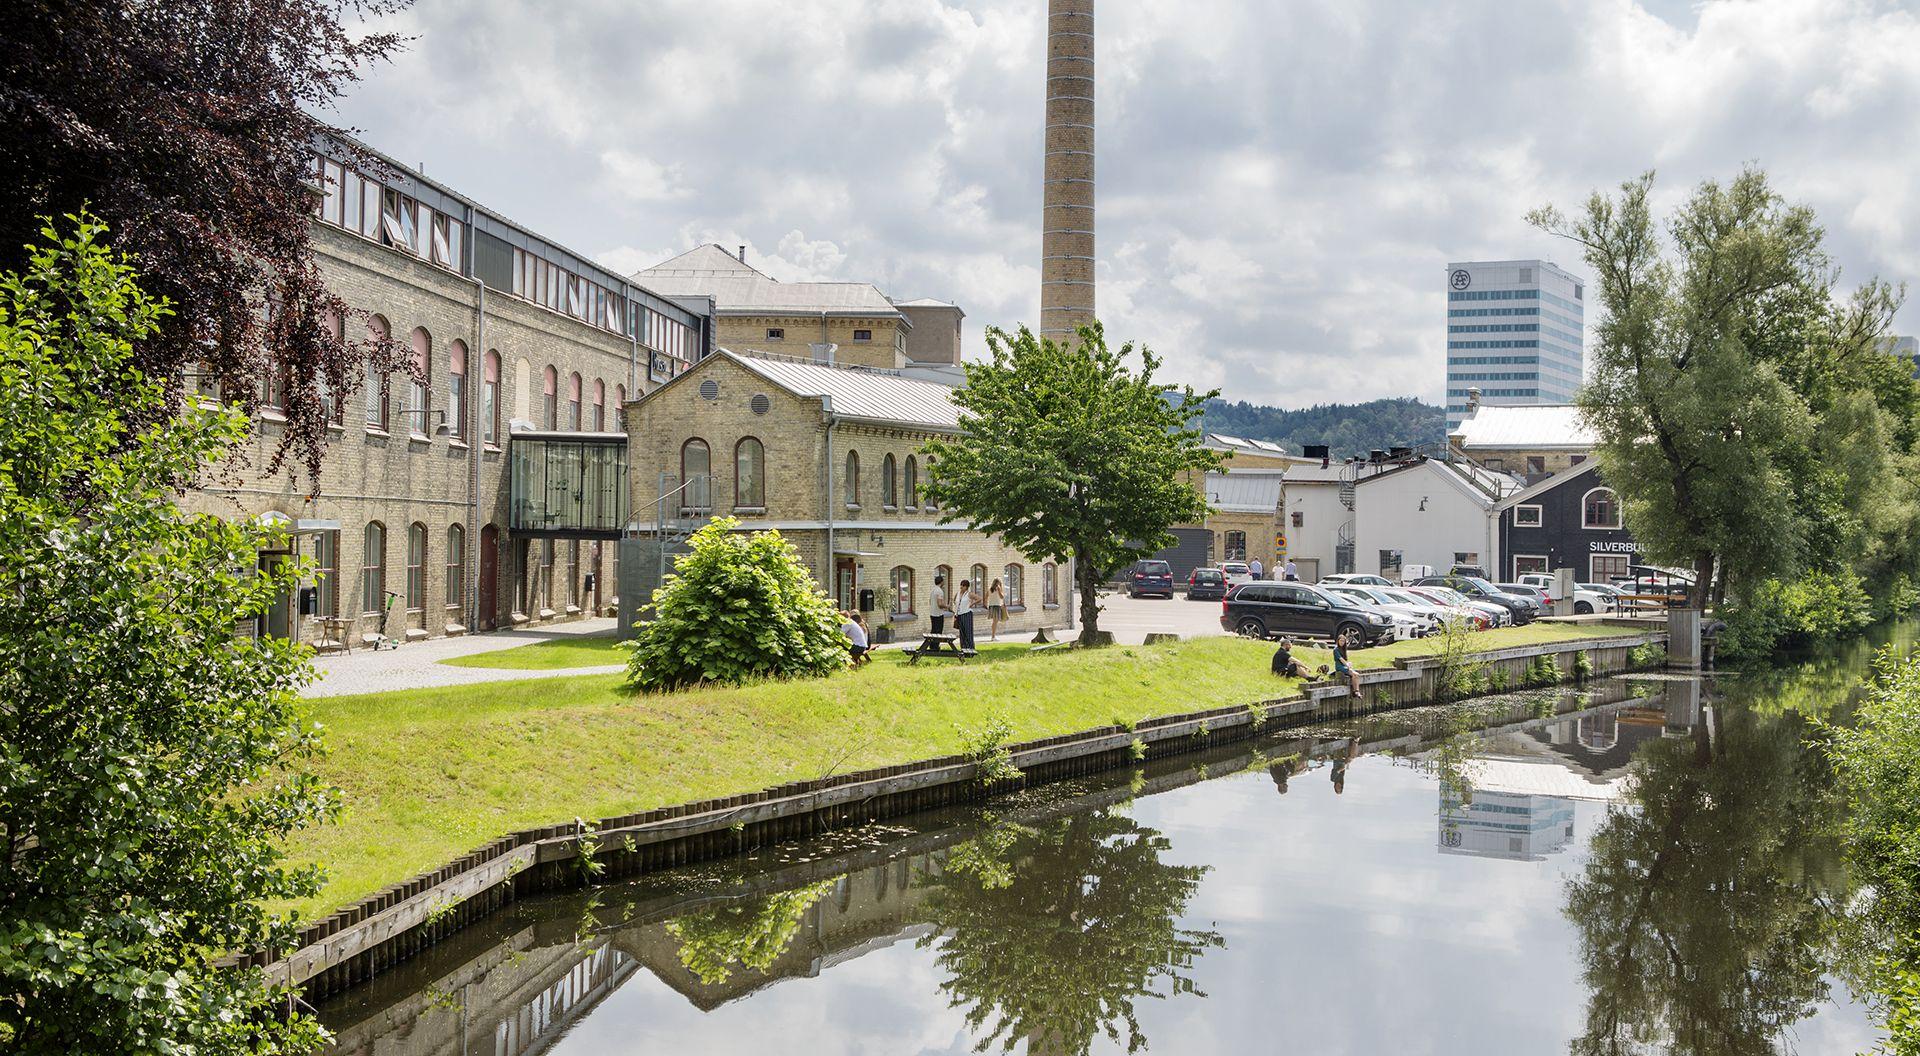 Almedals Fabriker ligger mitt i Mölndalsåns dalgång. I vackra tegelbyggnader från 1800-talets spinneri- och väveriverksamhet, huserar  numera  kreativa verksamheter inom bland annat musik, filmproduktion och inredning.